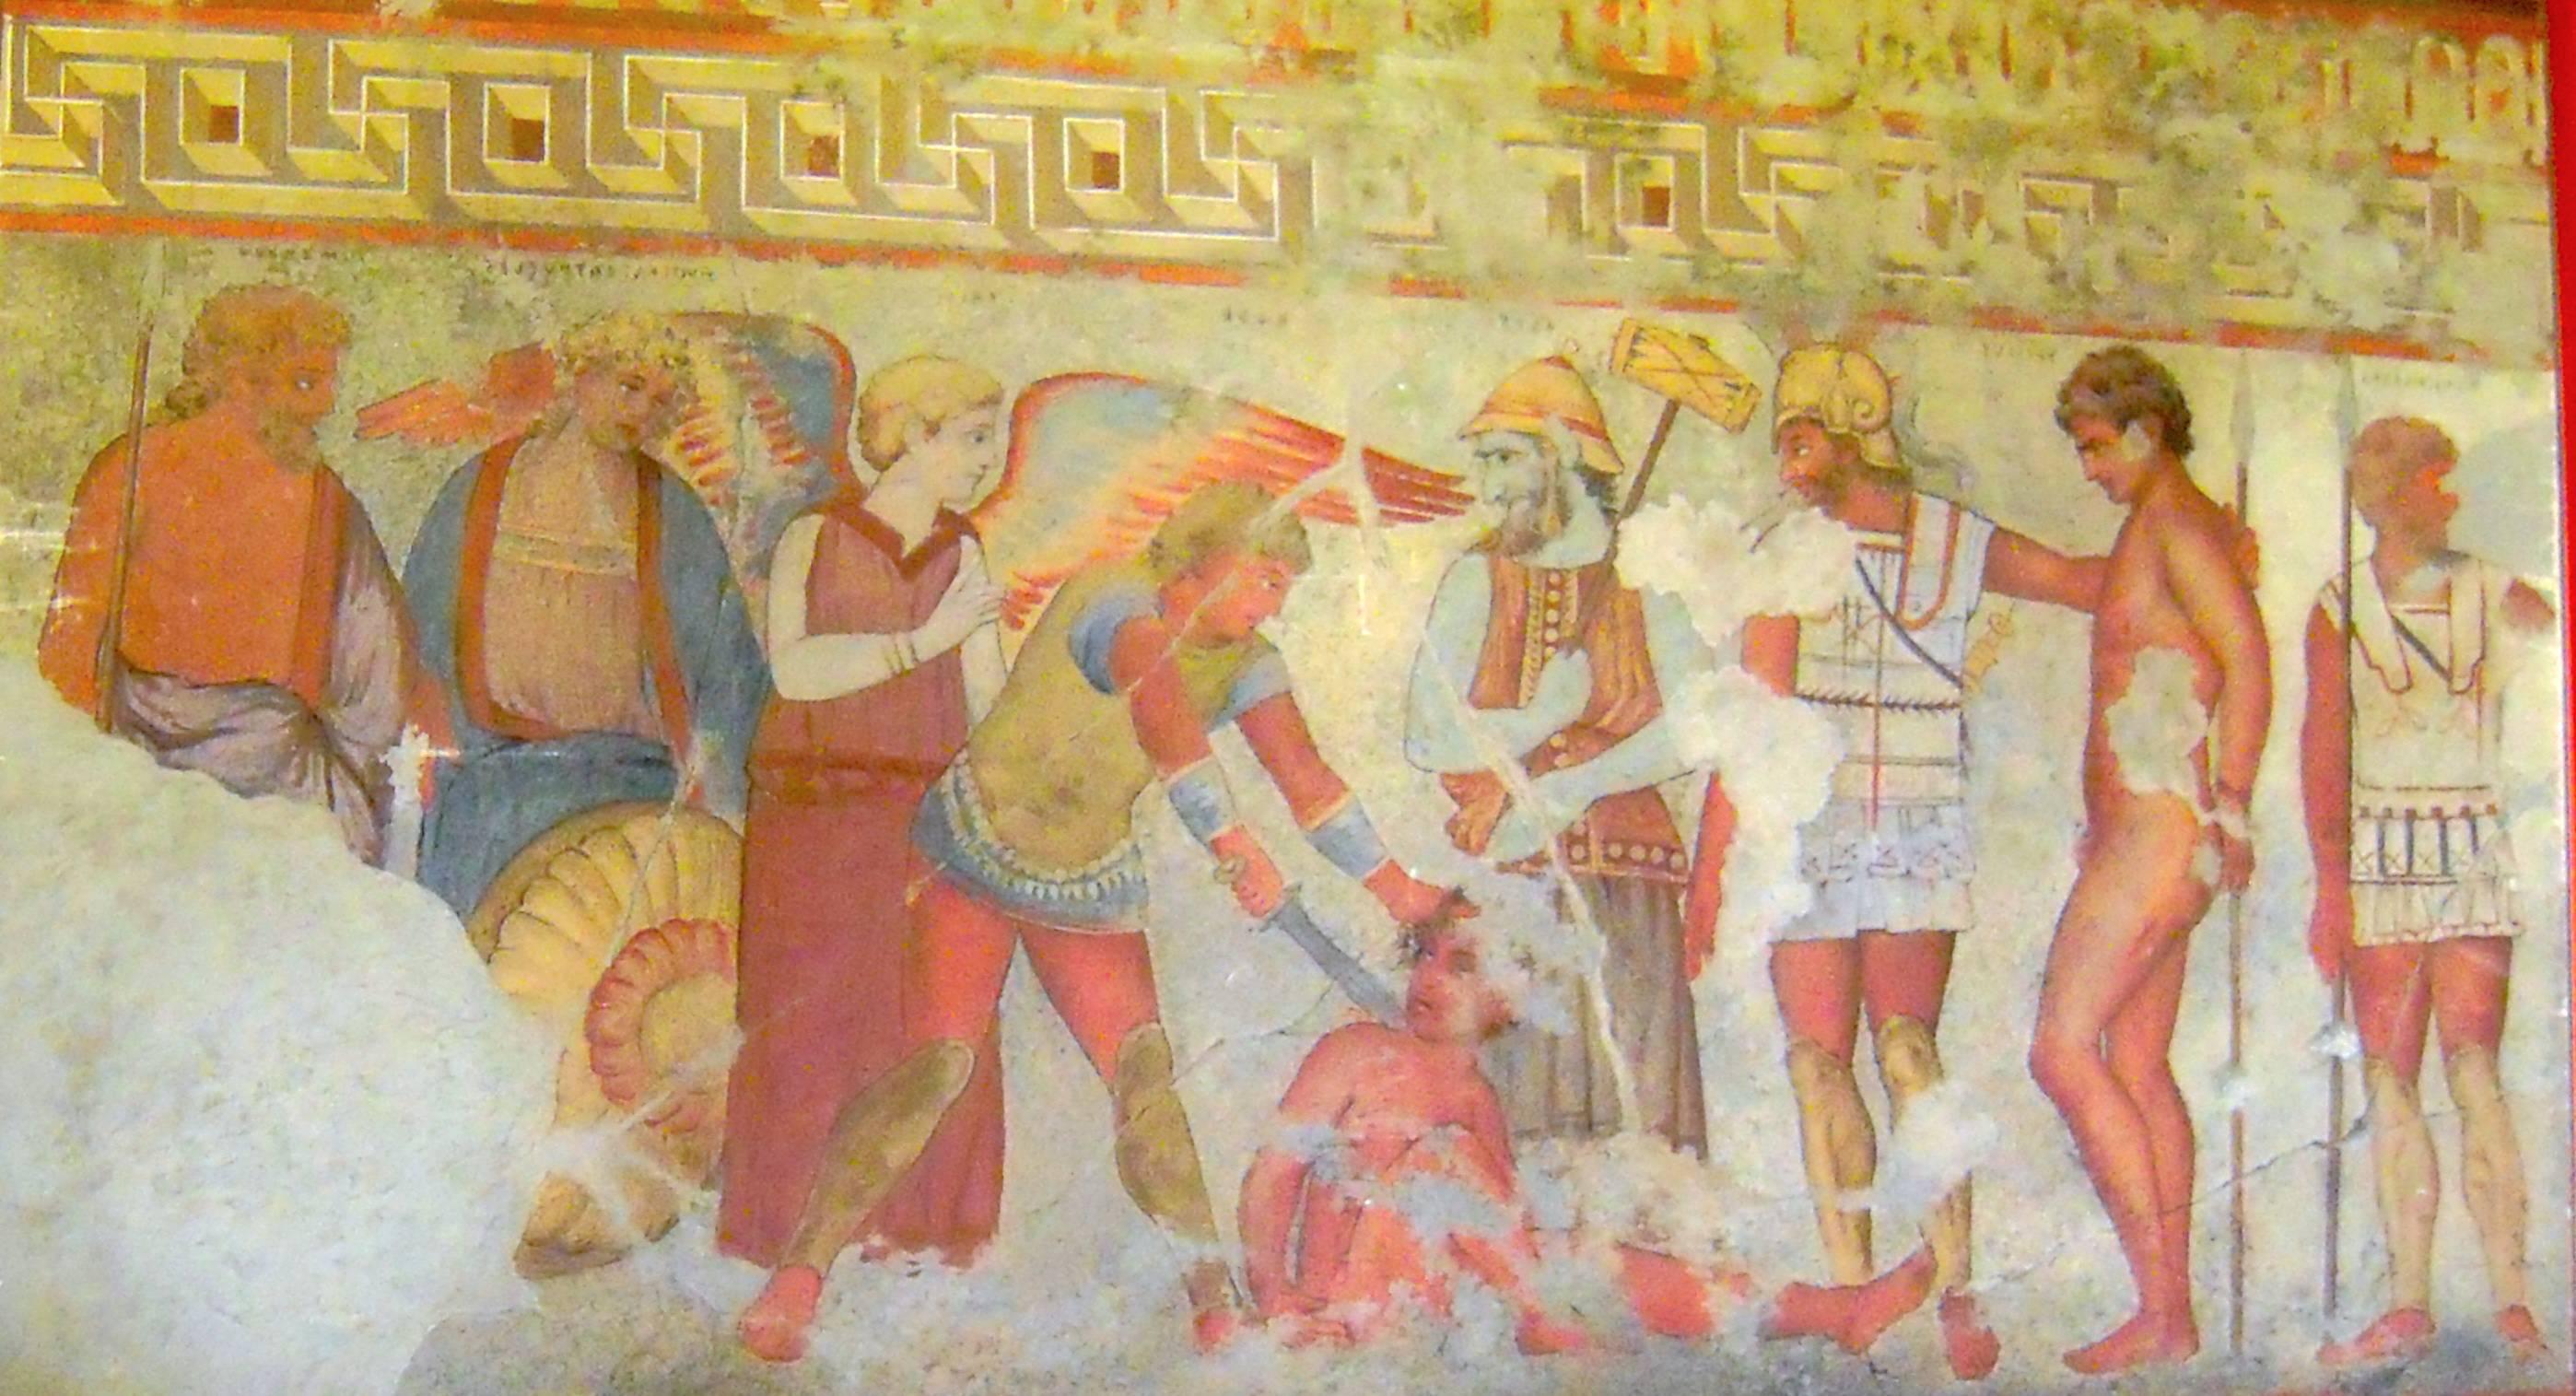 Анубис бог древнего египта, смерти и загробного мира : labuda.blog анубис бог древнего египта, смерти и загробного мира — «лабуда» информационно-развлекательный интернет журнал